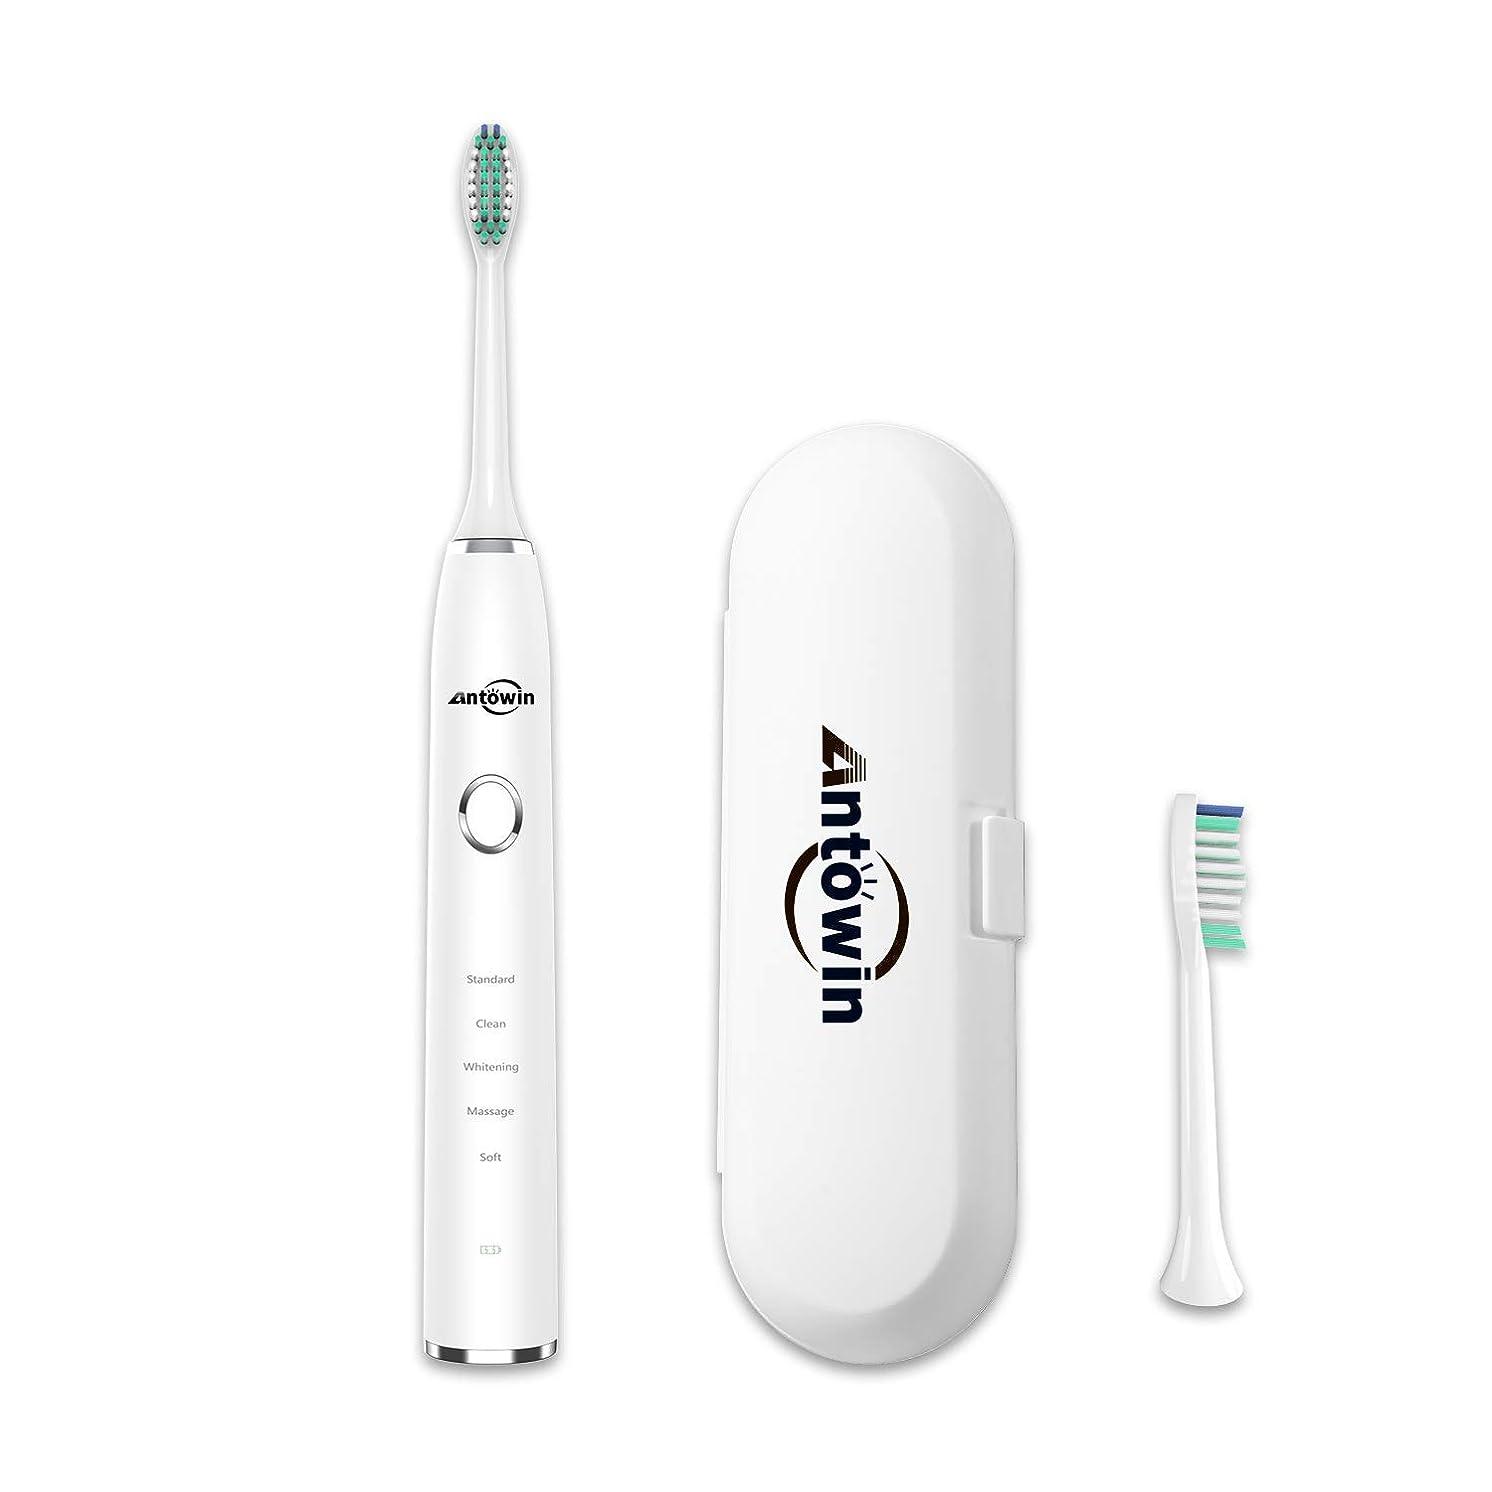 型ヤギ価値電動歯ブラシ antowin 5モード IPX8防水ボディ 替え歯ブラシ 2本付属 持ち運び 旅用 2分オートタイマー 歯磨き 小型ケース付属 H9 ホワイト